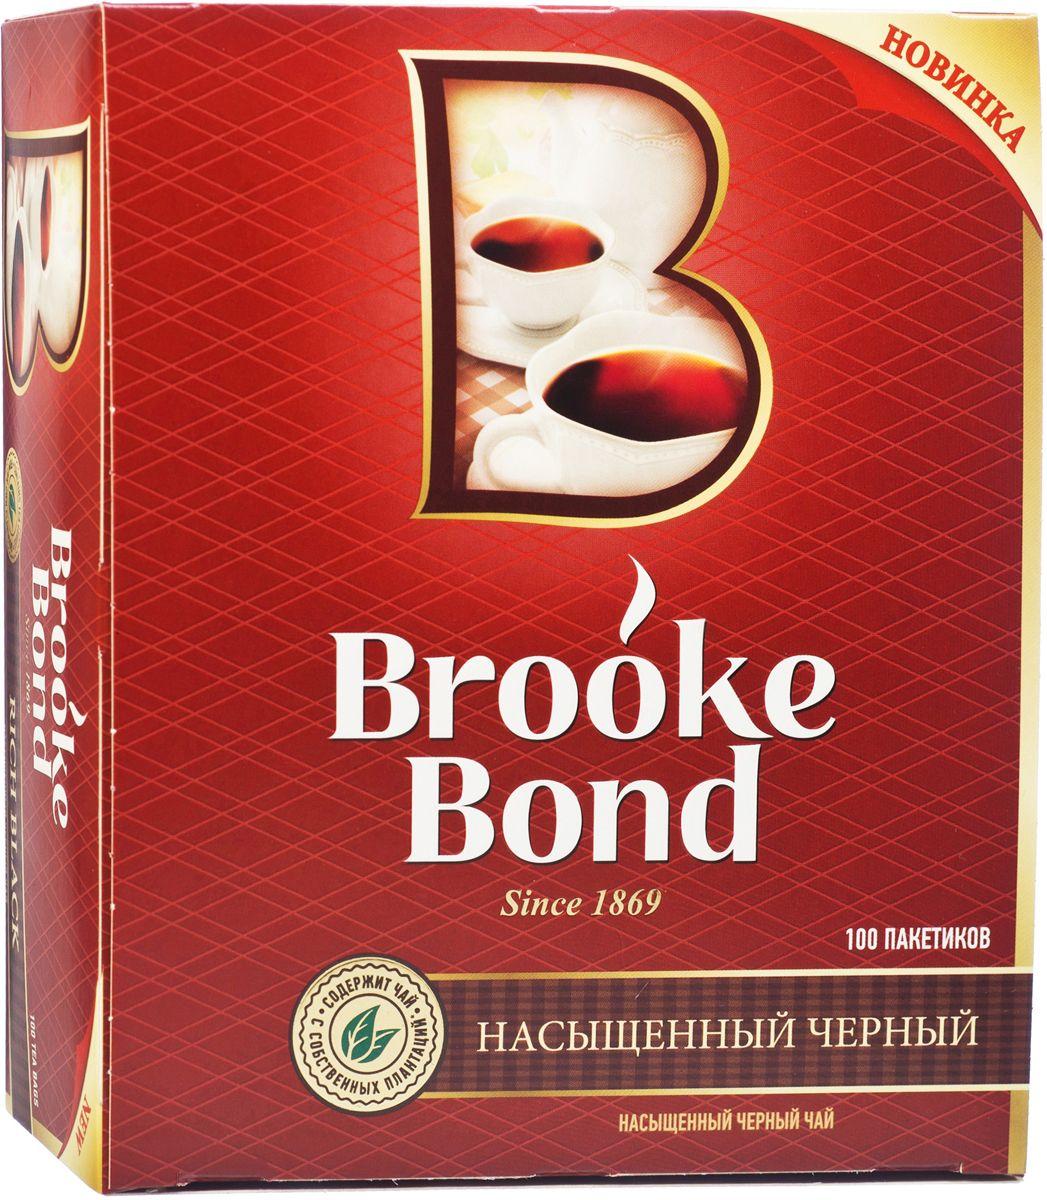 Brooke Bond Насыщенный черный чай в пакетиках, 100 шт1524Brooke Bond в пакетиках позволяет насладиться превосходным вкусом крепкого черного чая. Секрет его вкуса — в уникальном купаже из высших сортов чая из Кении и Индонезии. Чай Brooke Bond обладает ярким, приятно терпким тонизирующим вкусом и насыщенным ароматом.